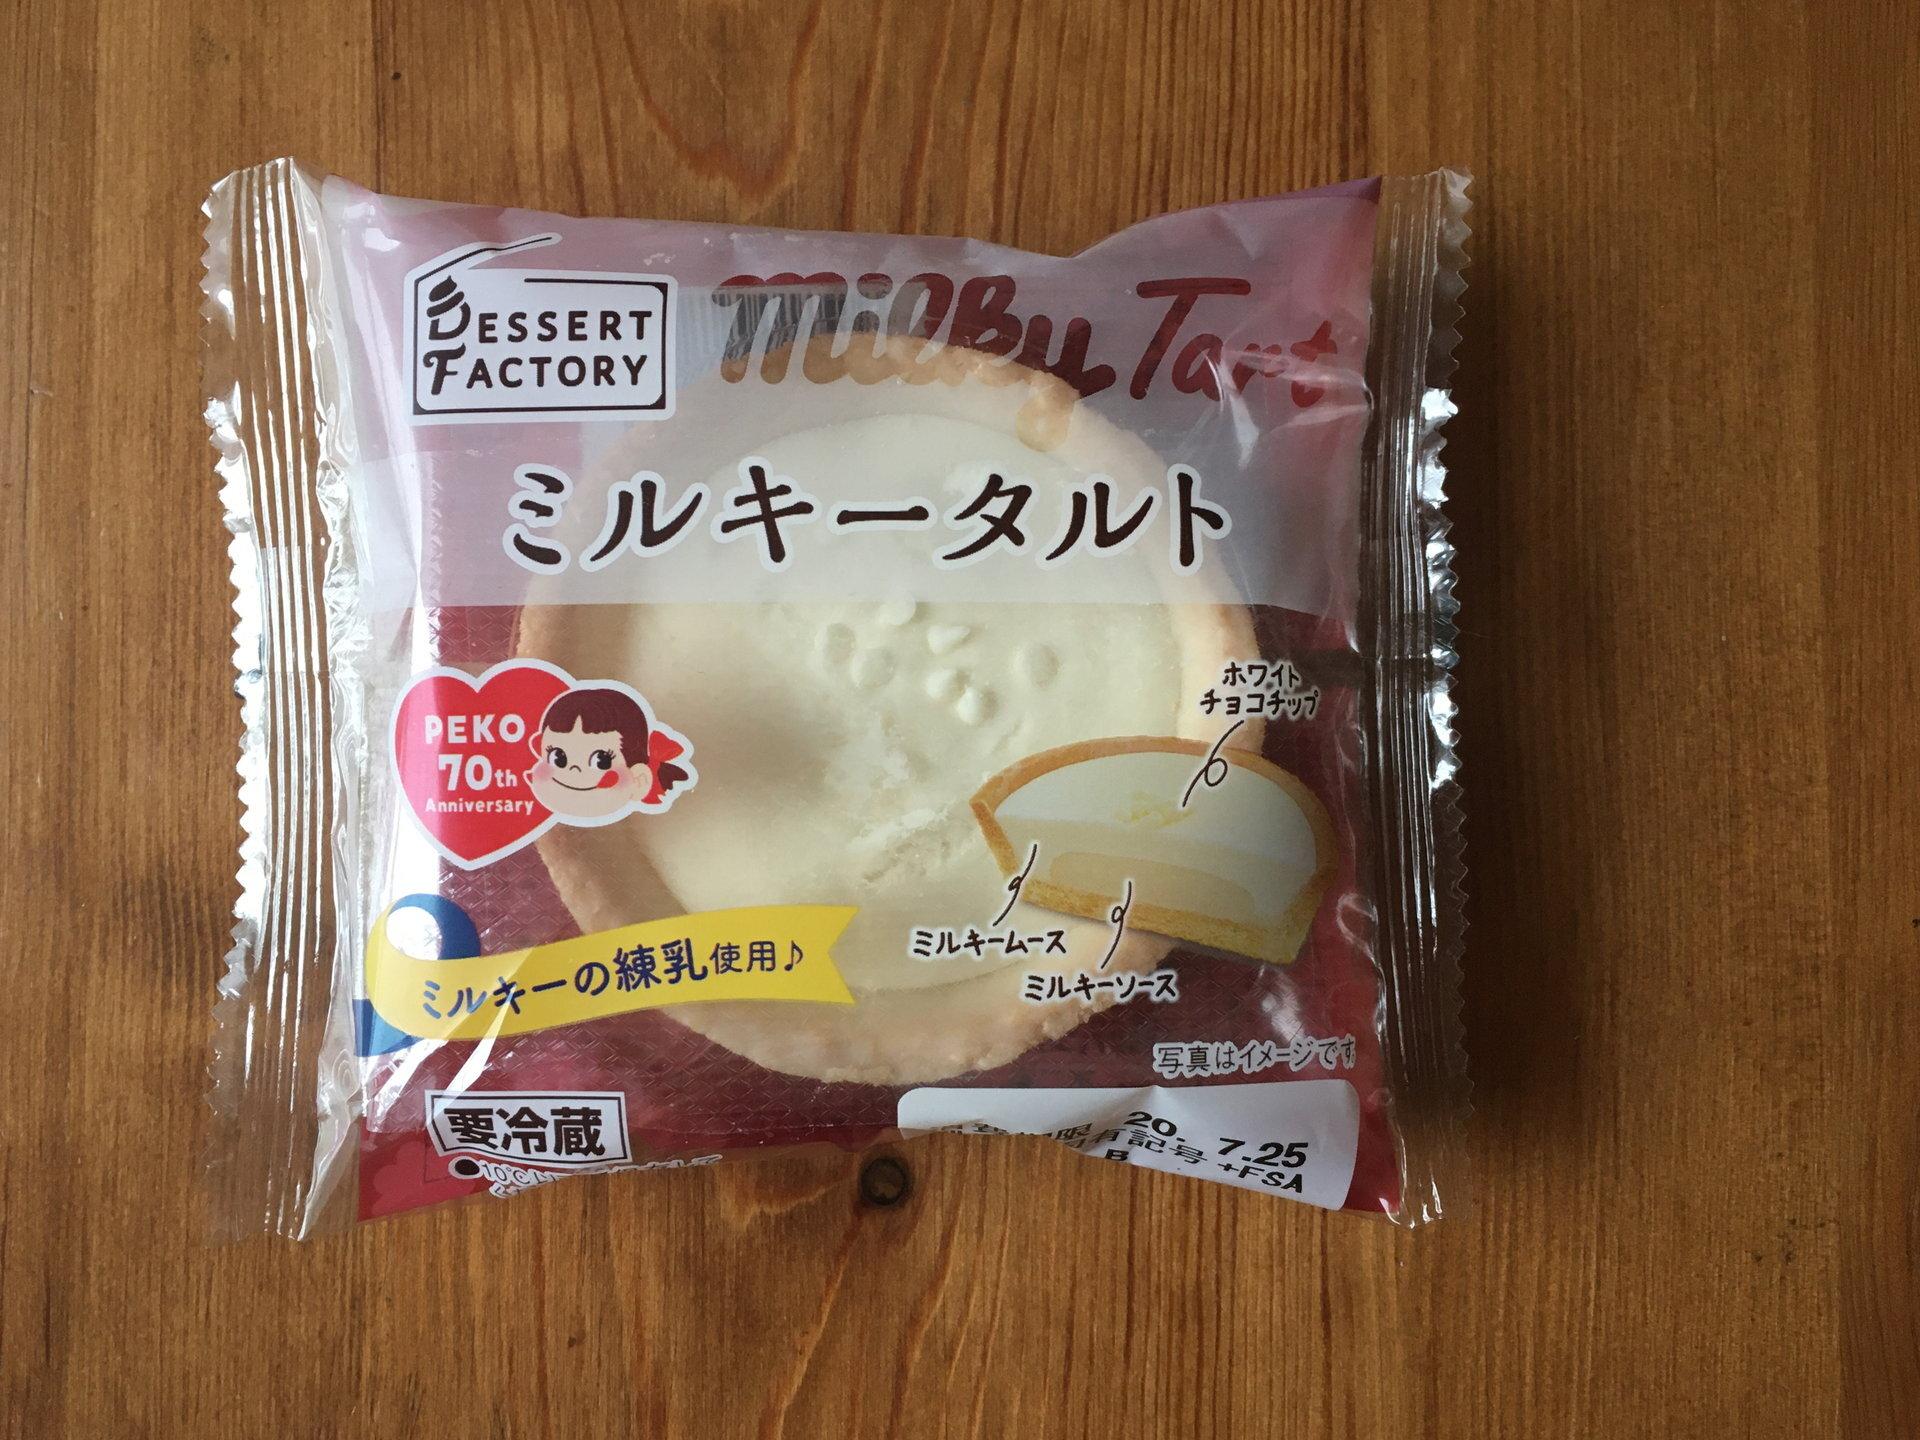 ヤマザキ製パンの「デザートファクトリー ミルキータルト」